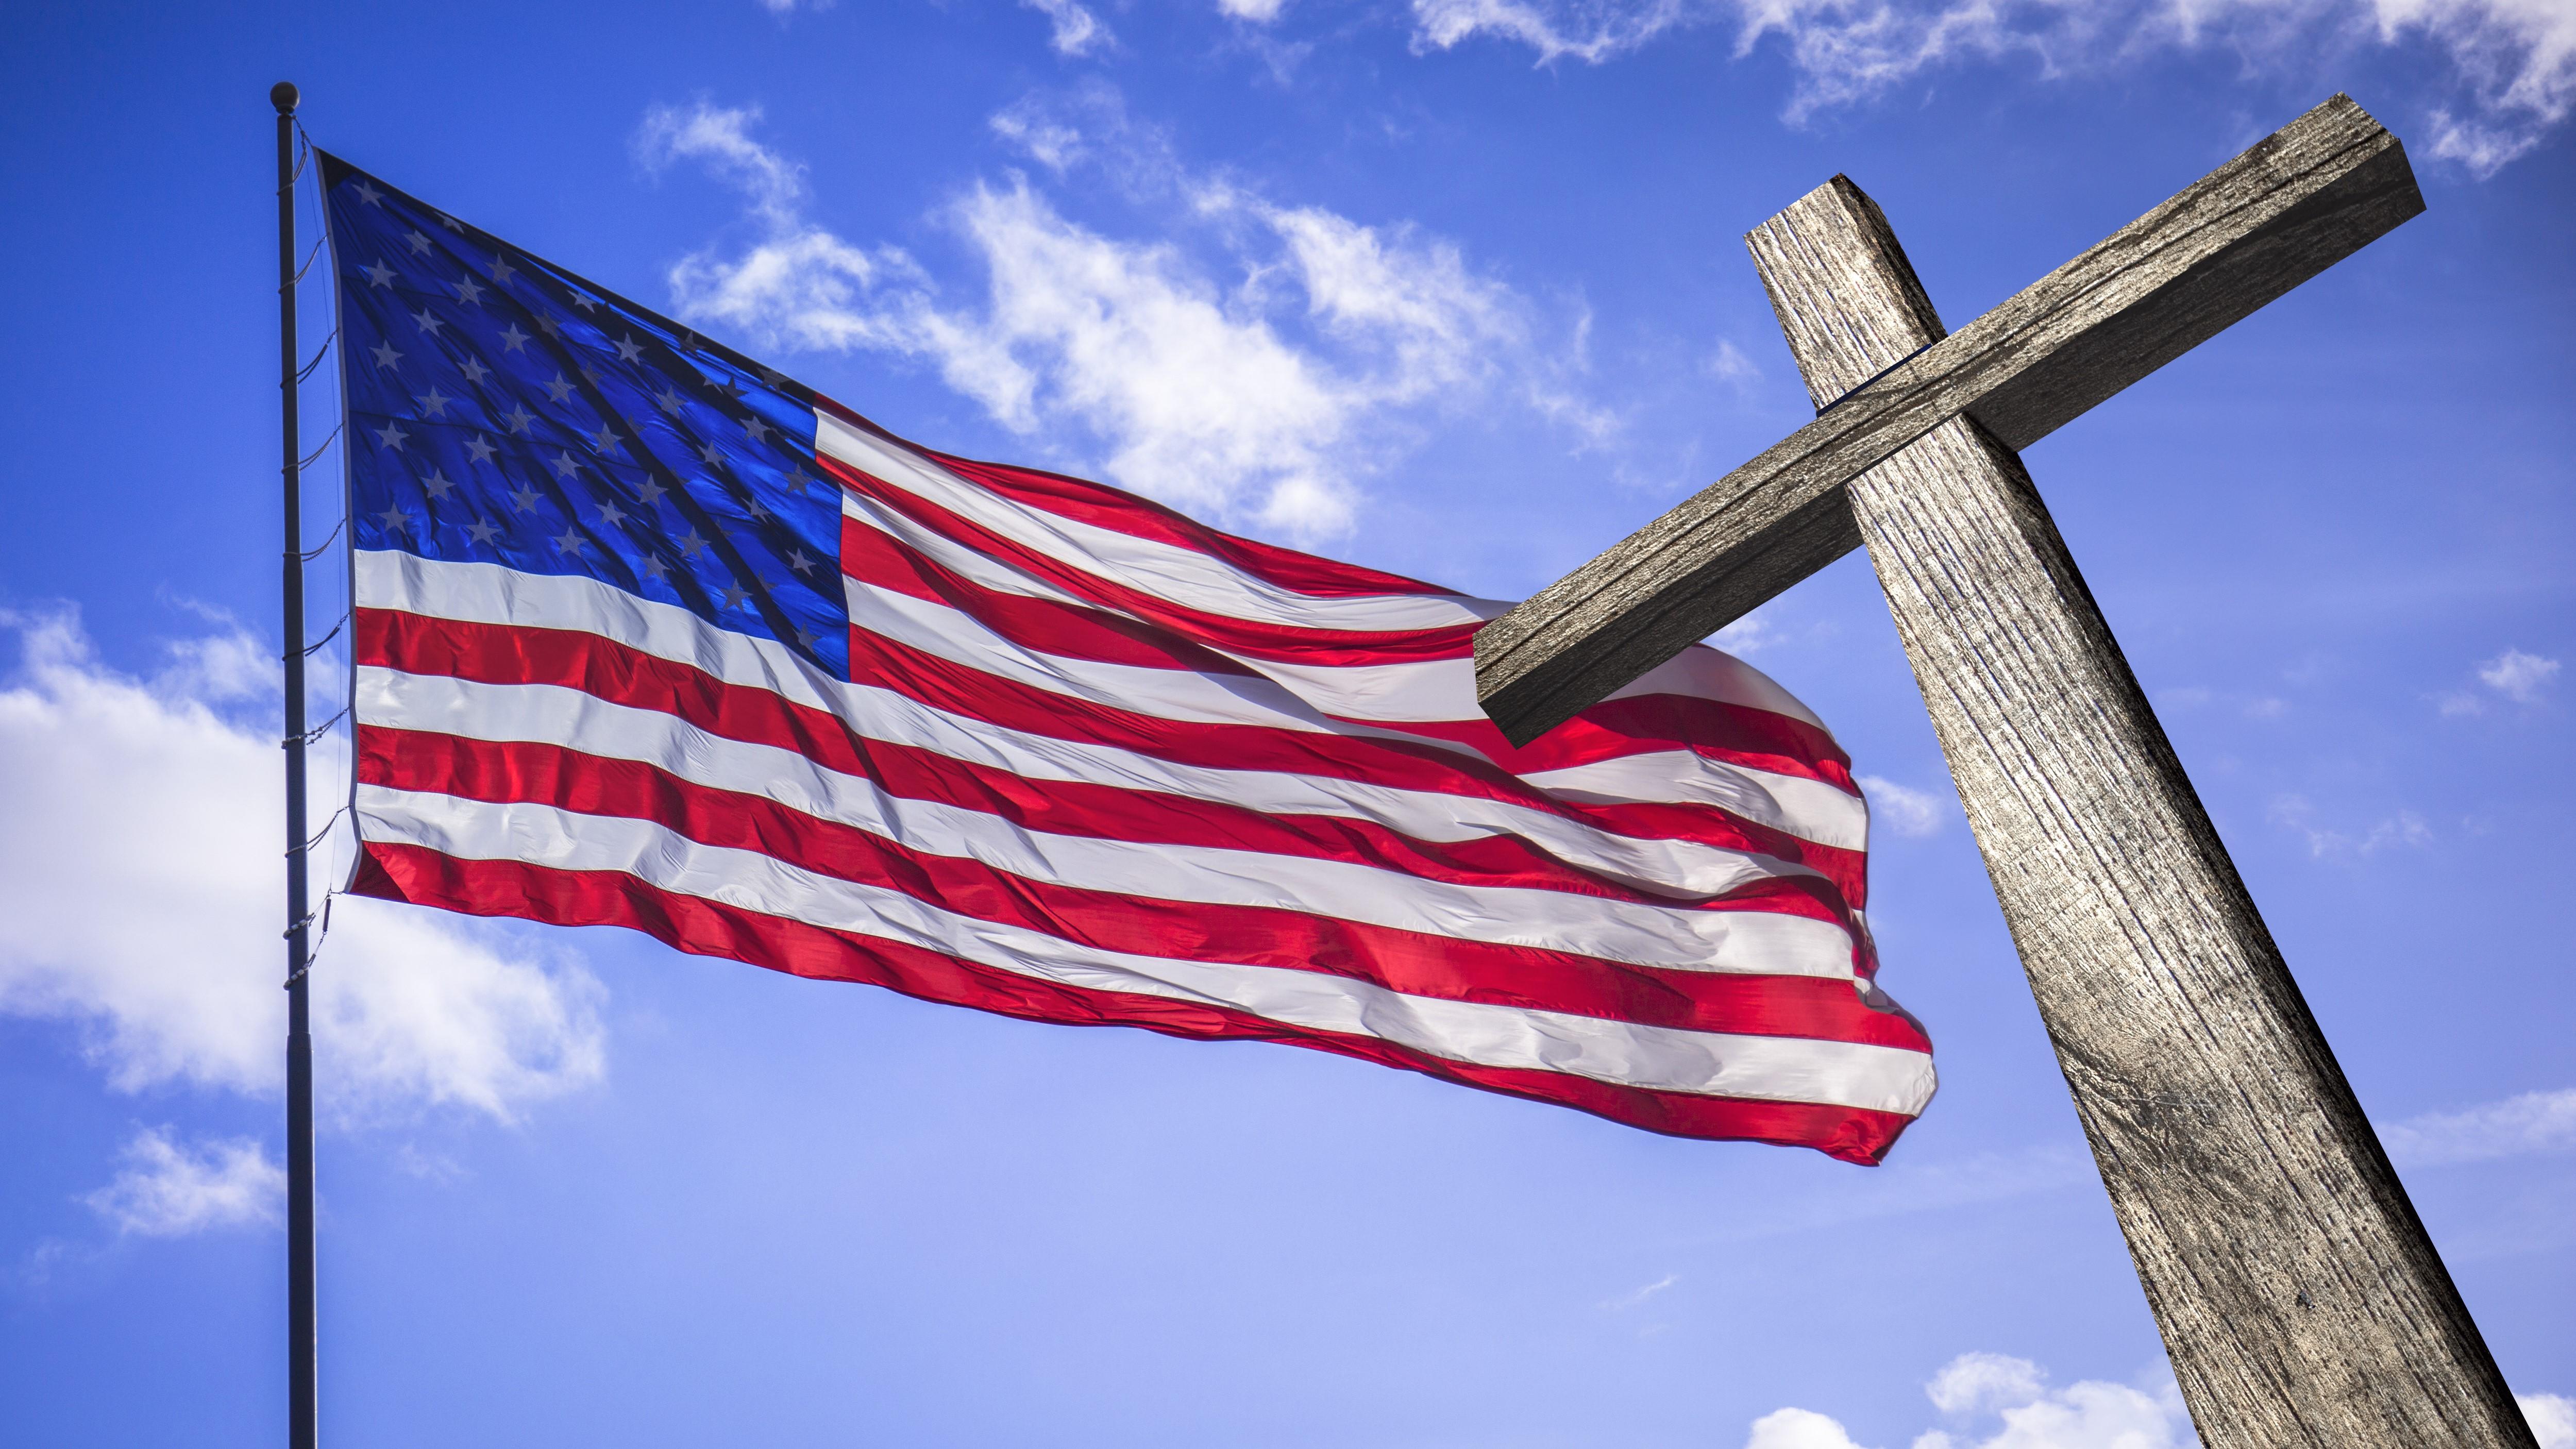 A bandeira dos Estados Unidos e a cruz simbolizando nacionalismo cristão